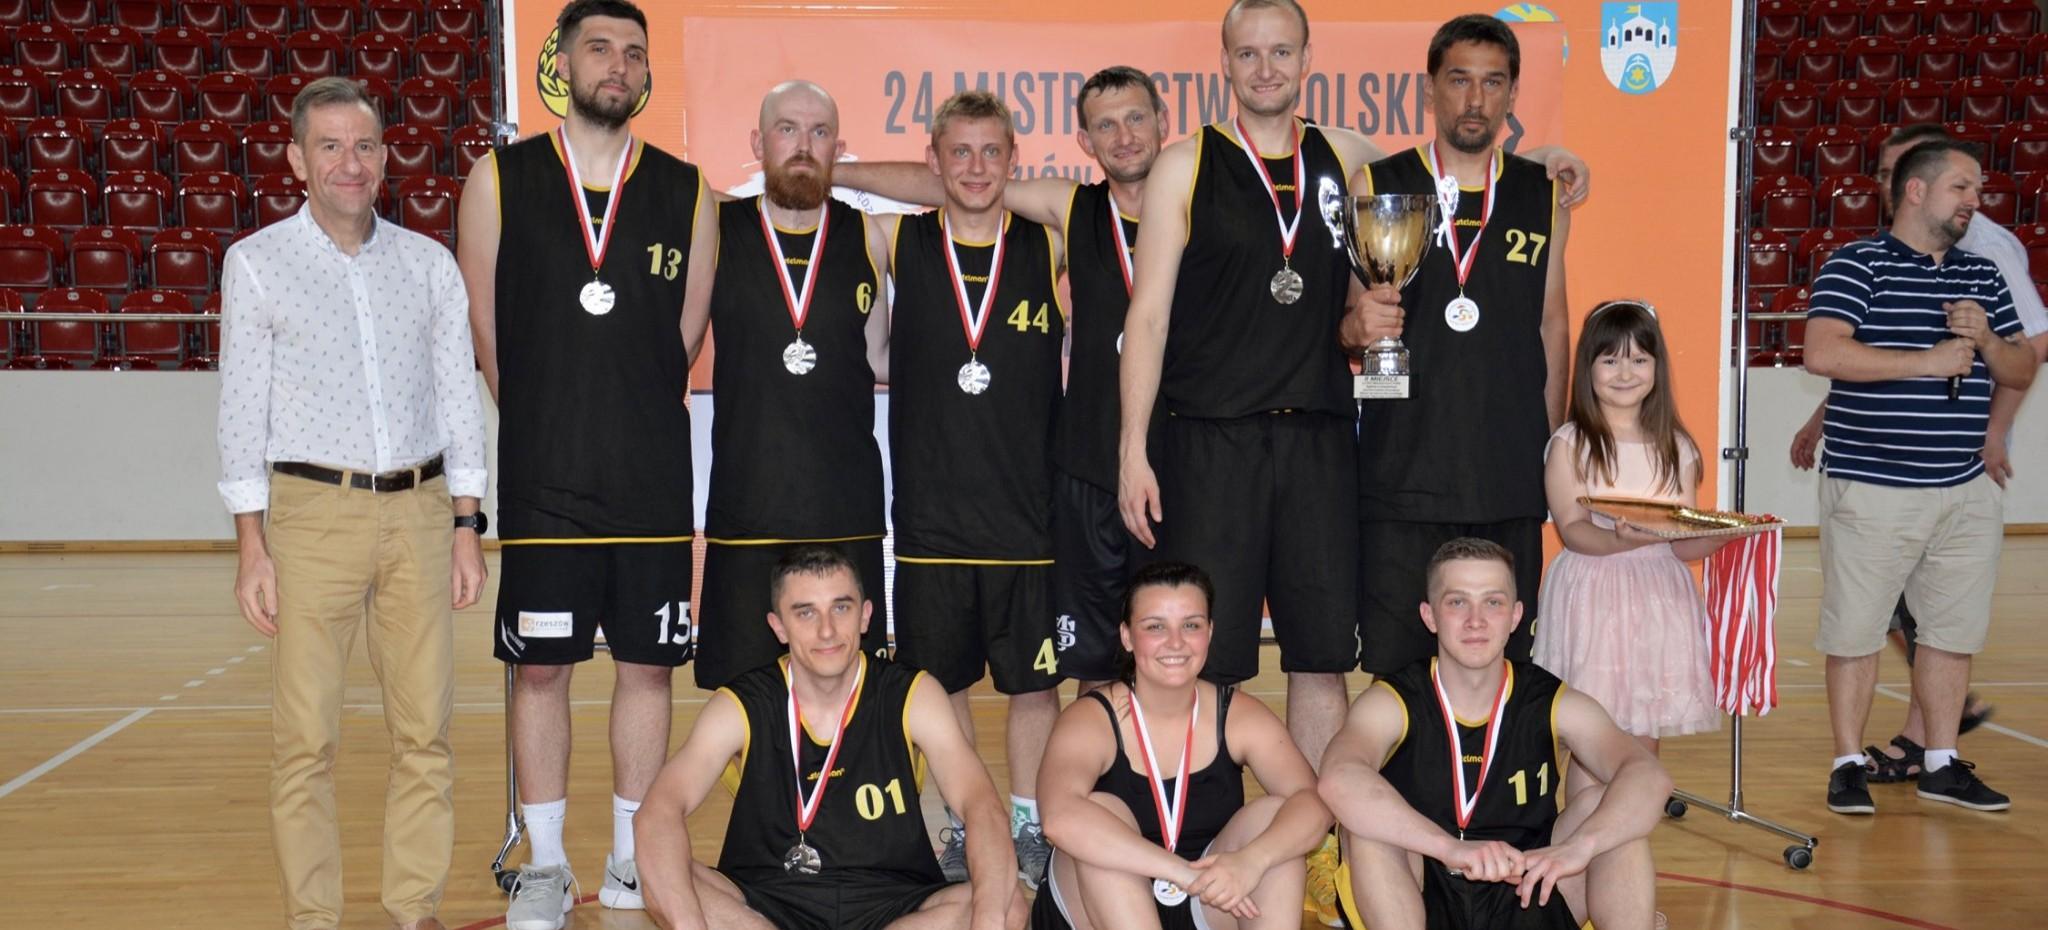 Rzeszowscy sędziowie koszykówki ze srebrem mistrzostw Polski!